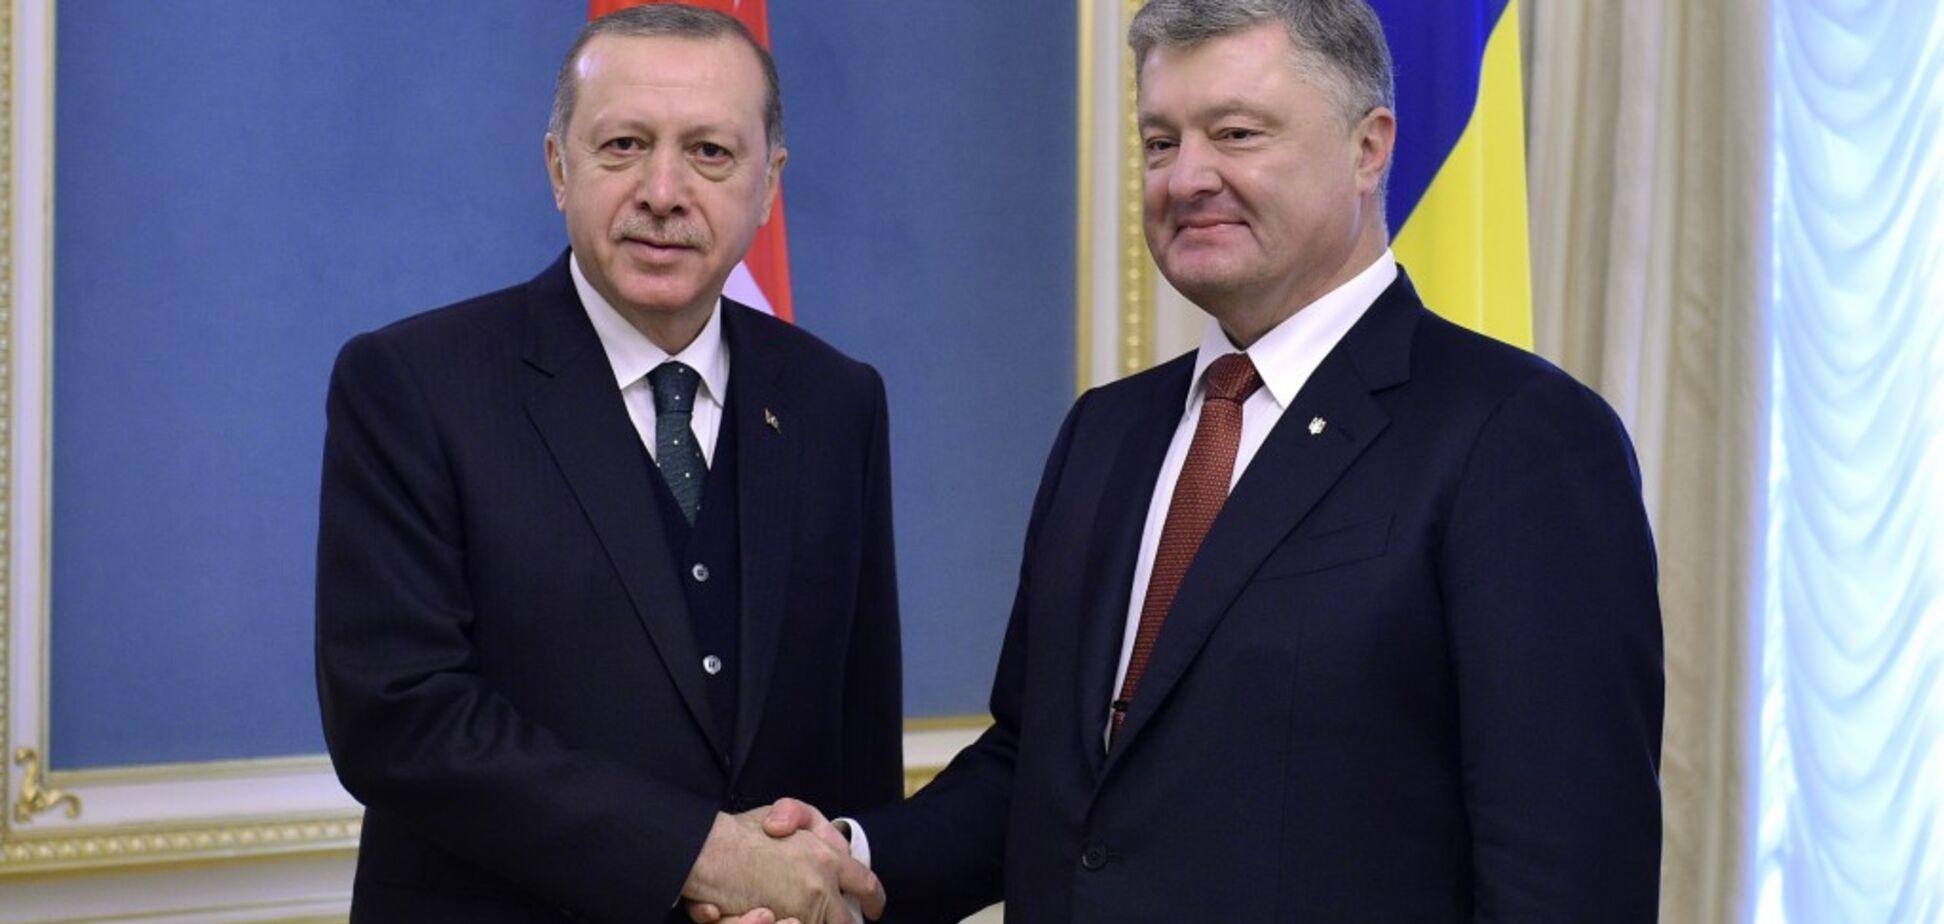 Козир проти Кремля: Туреччина і Україна вирішать підсумок двох воєн Росії